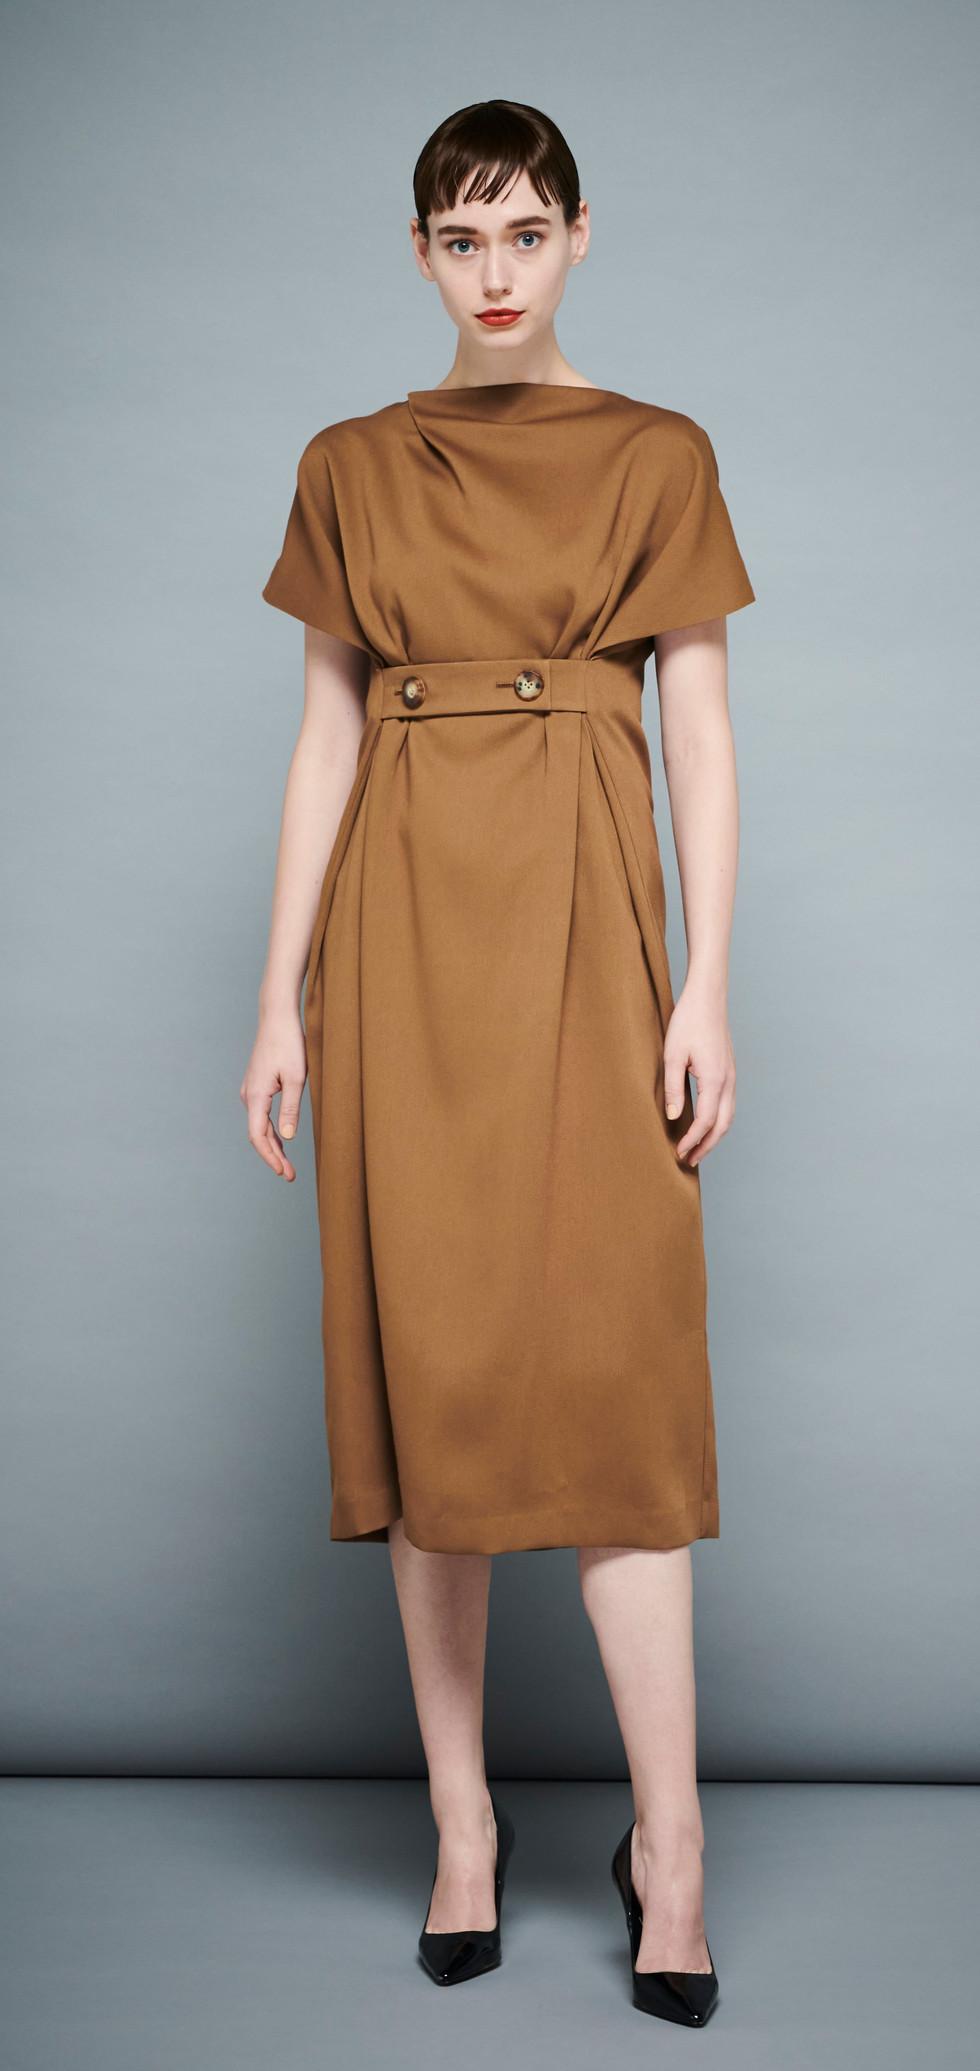 dress BR8O-173-Y101